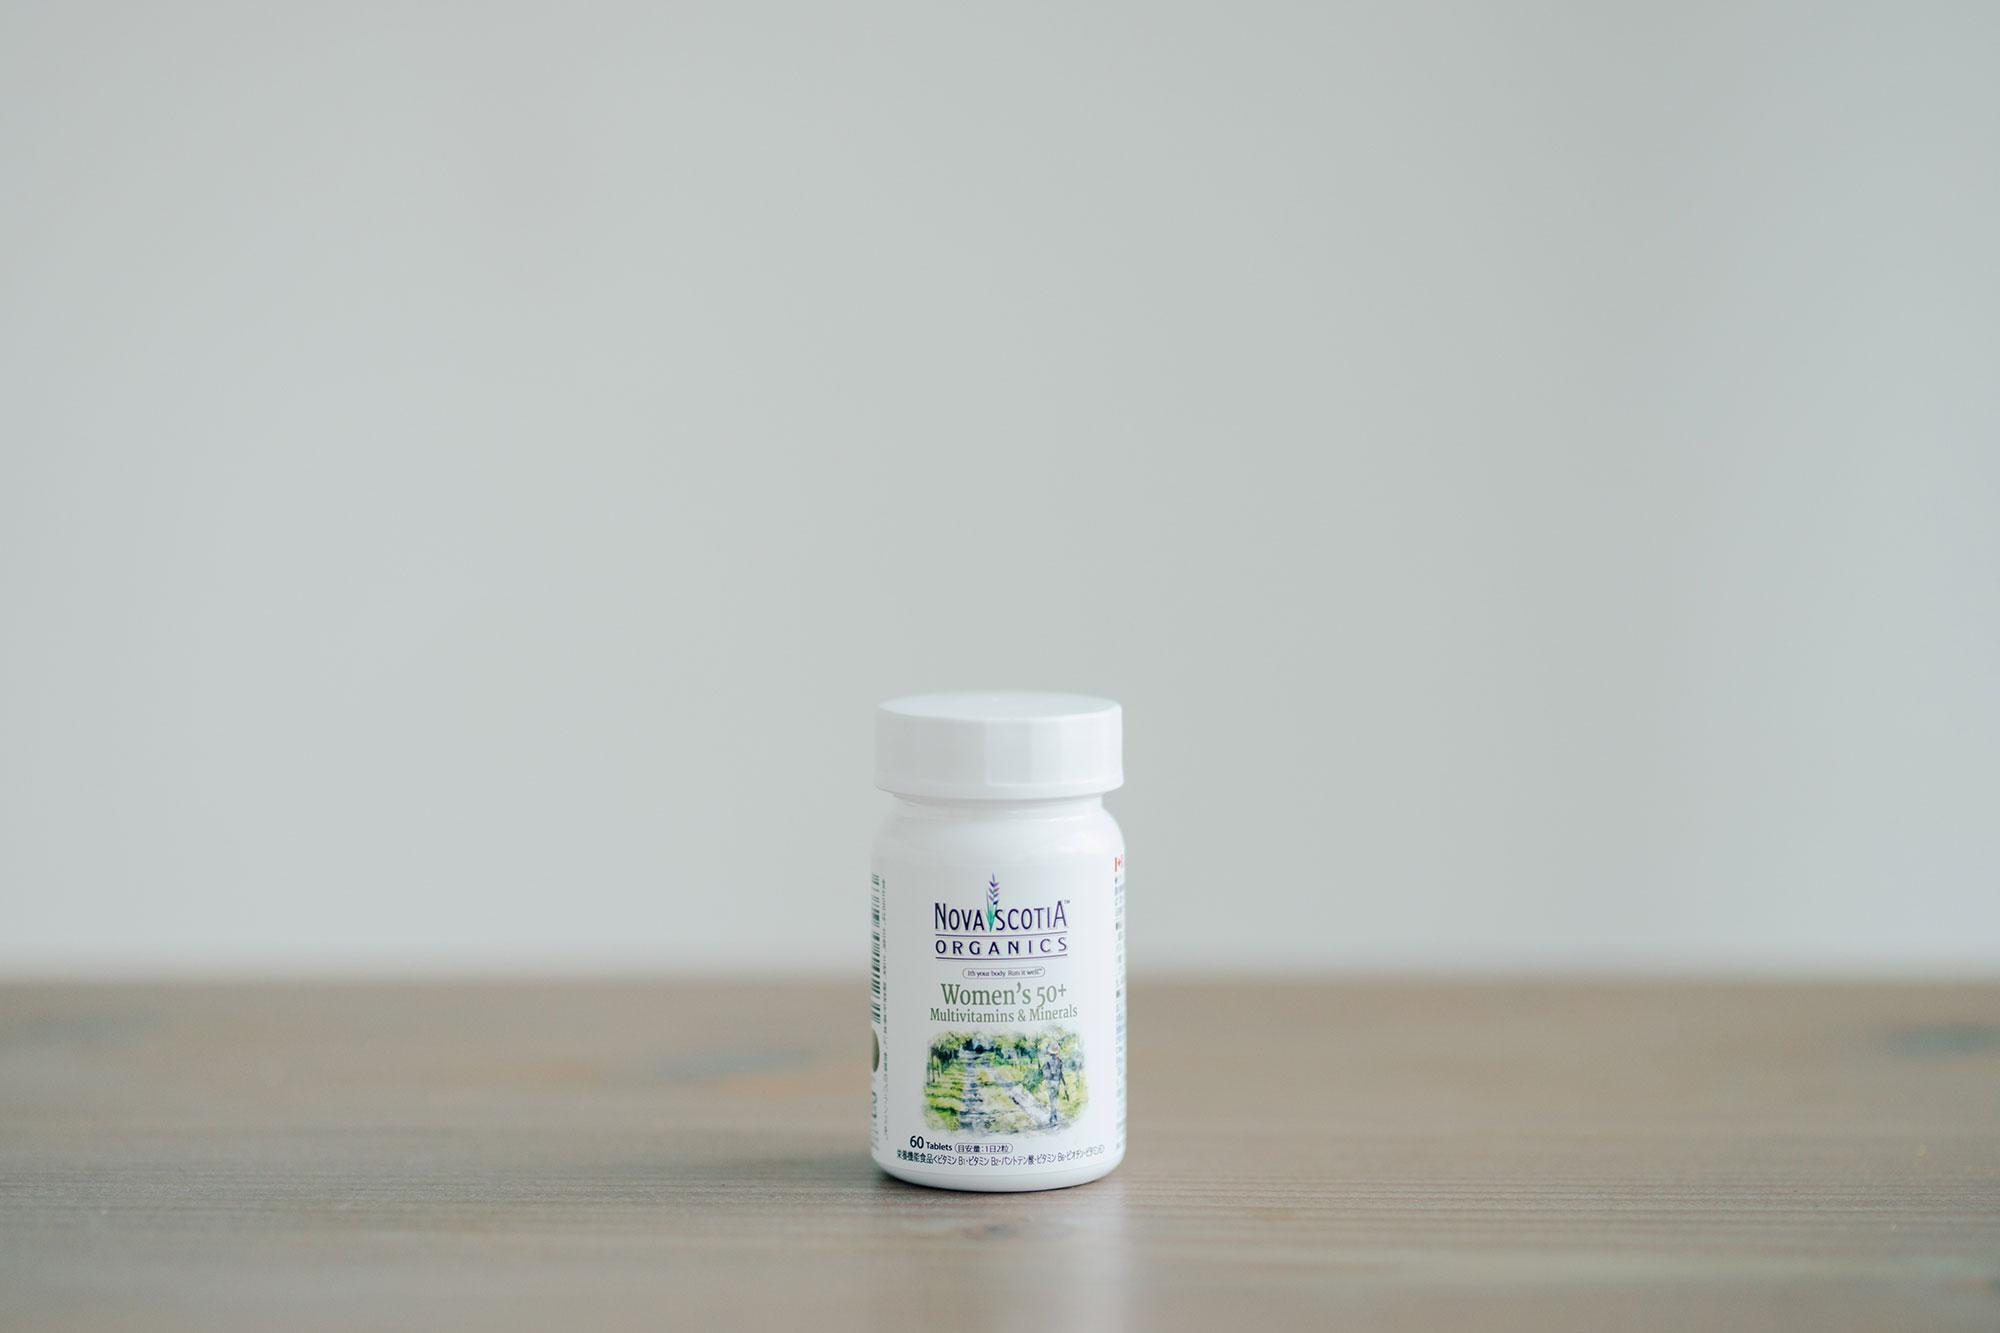 ノバスコシアオーガニックス マルチビタミン&ミネラル ウーマンリバランス